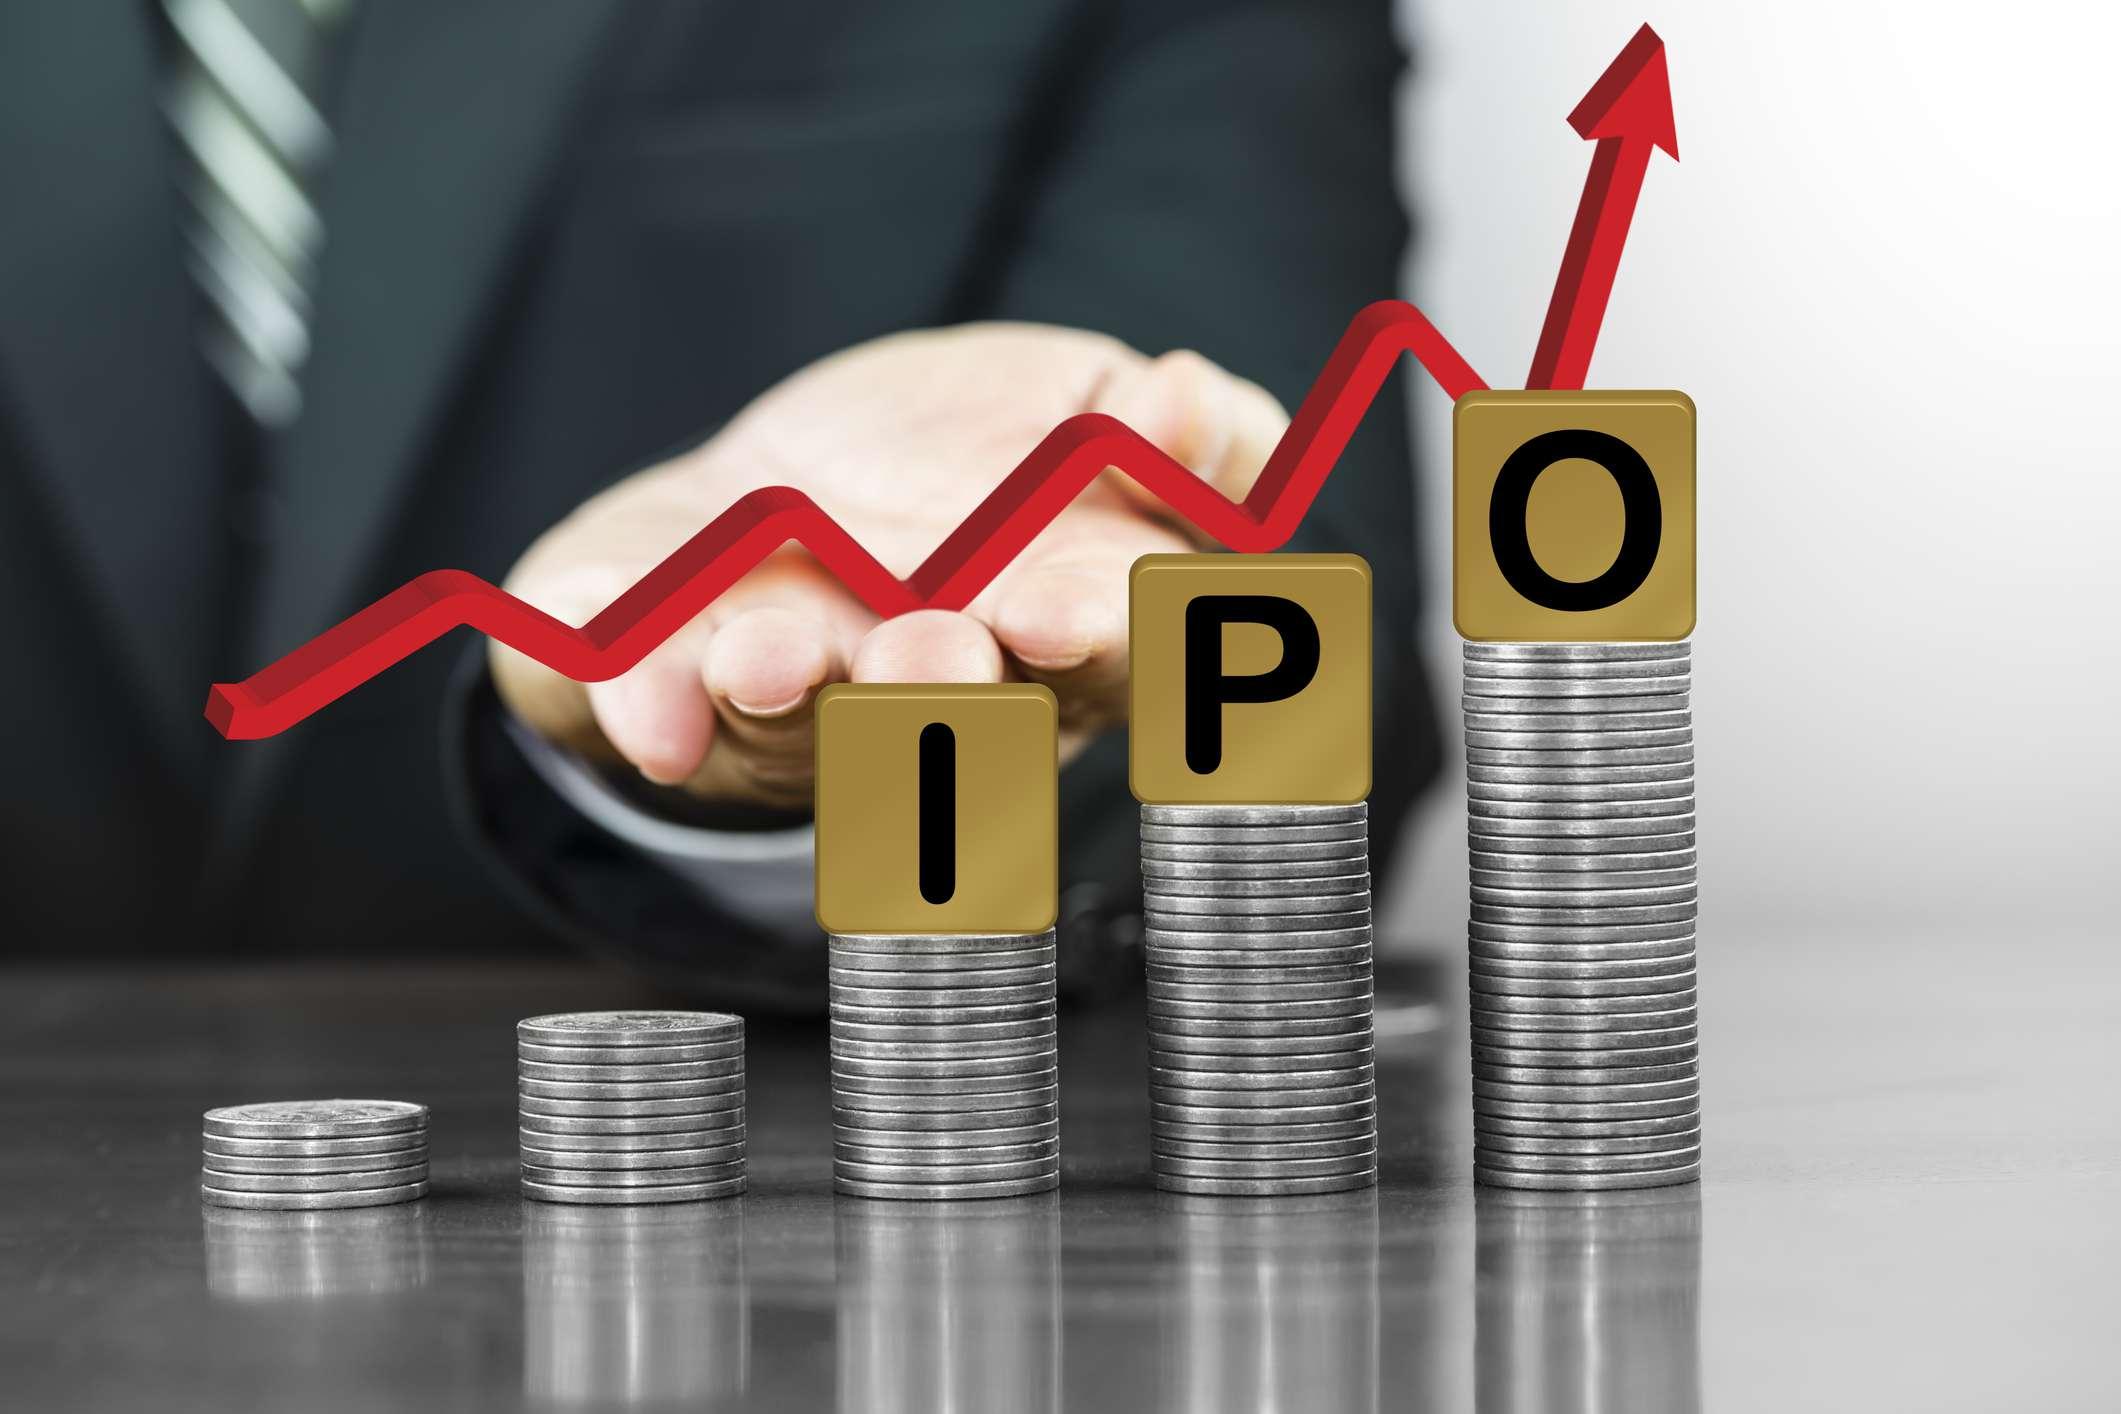 منصتان لتداول العملات المشفرة يخططان لإكتتاب IPO هذا الشهر ... تعرف عليهما